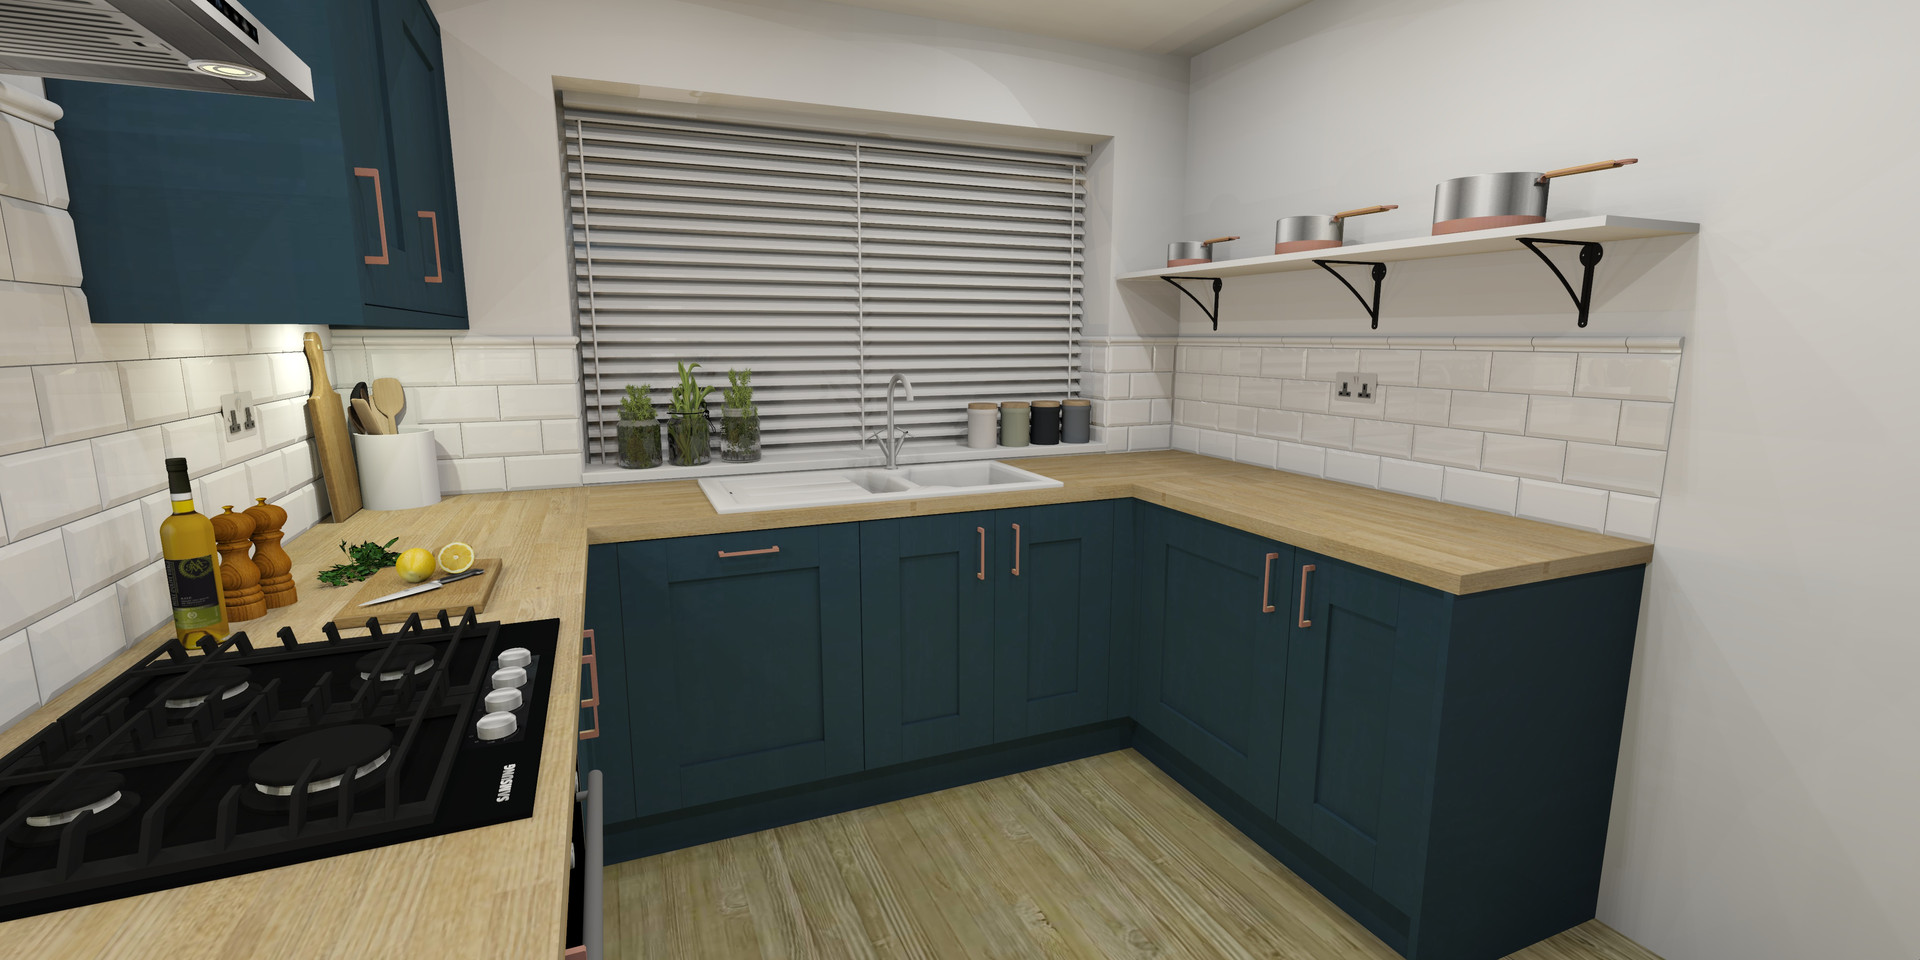 Broadclyst Kitchen Design Image C